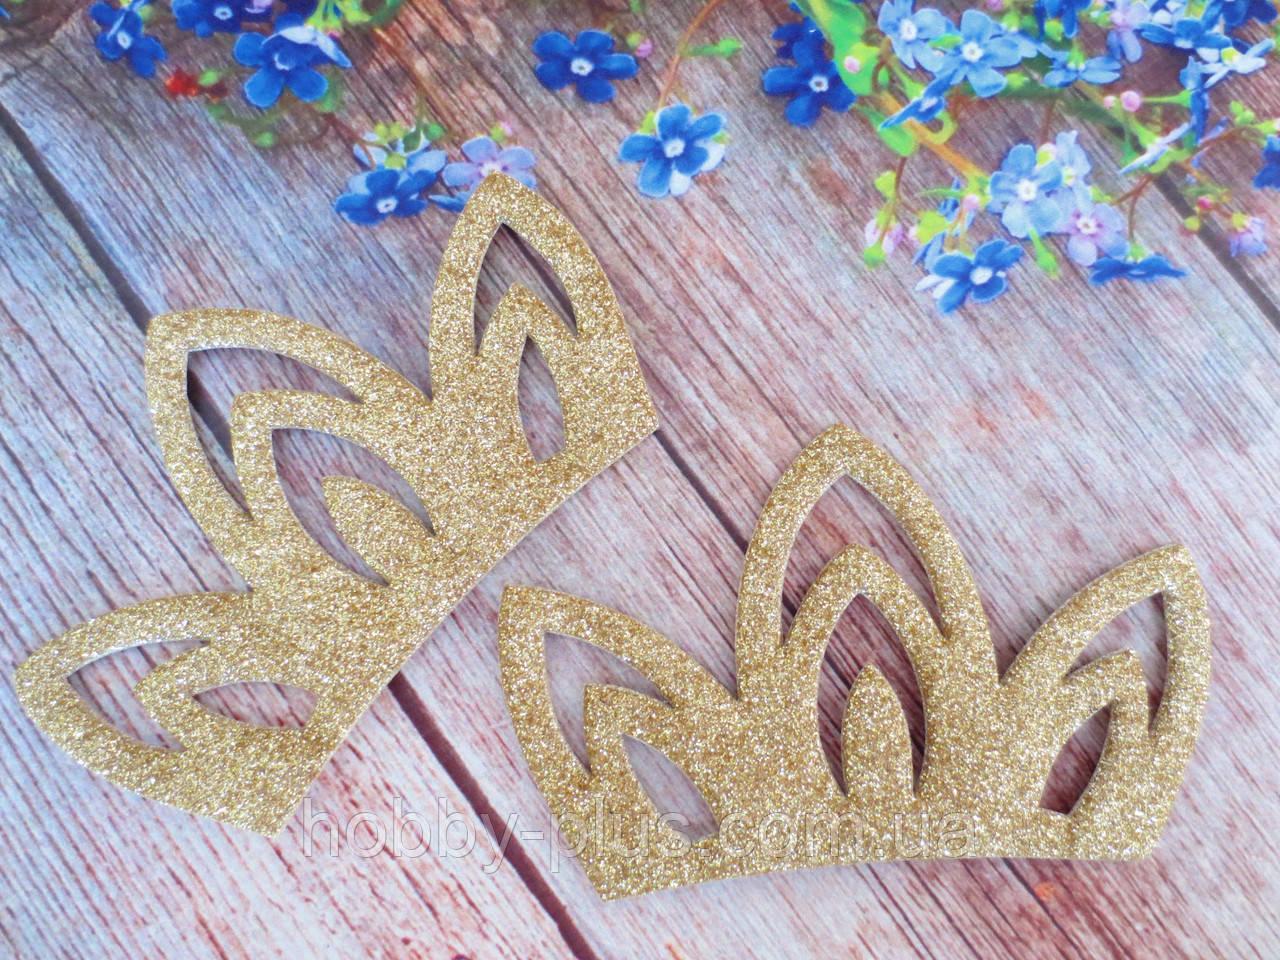 """Аплікація """"Корона з дрібним глітером"""", колір золото, 10,5х6,8 см, 1 шт."""